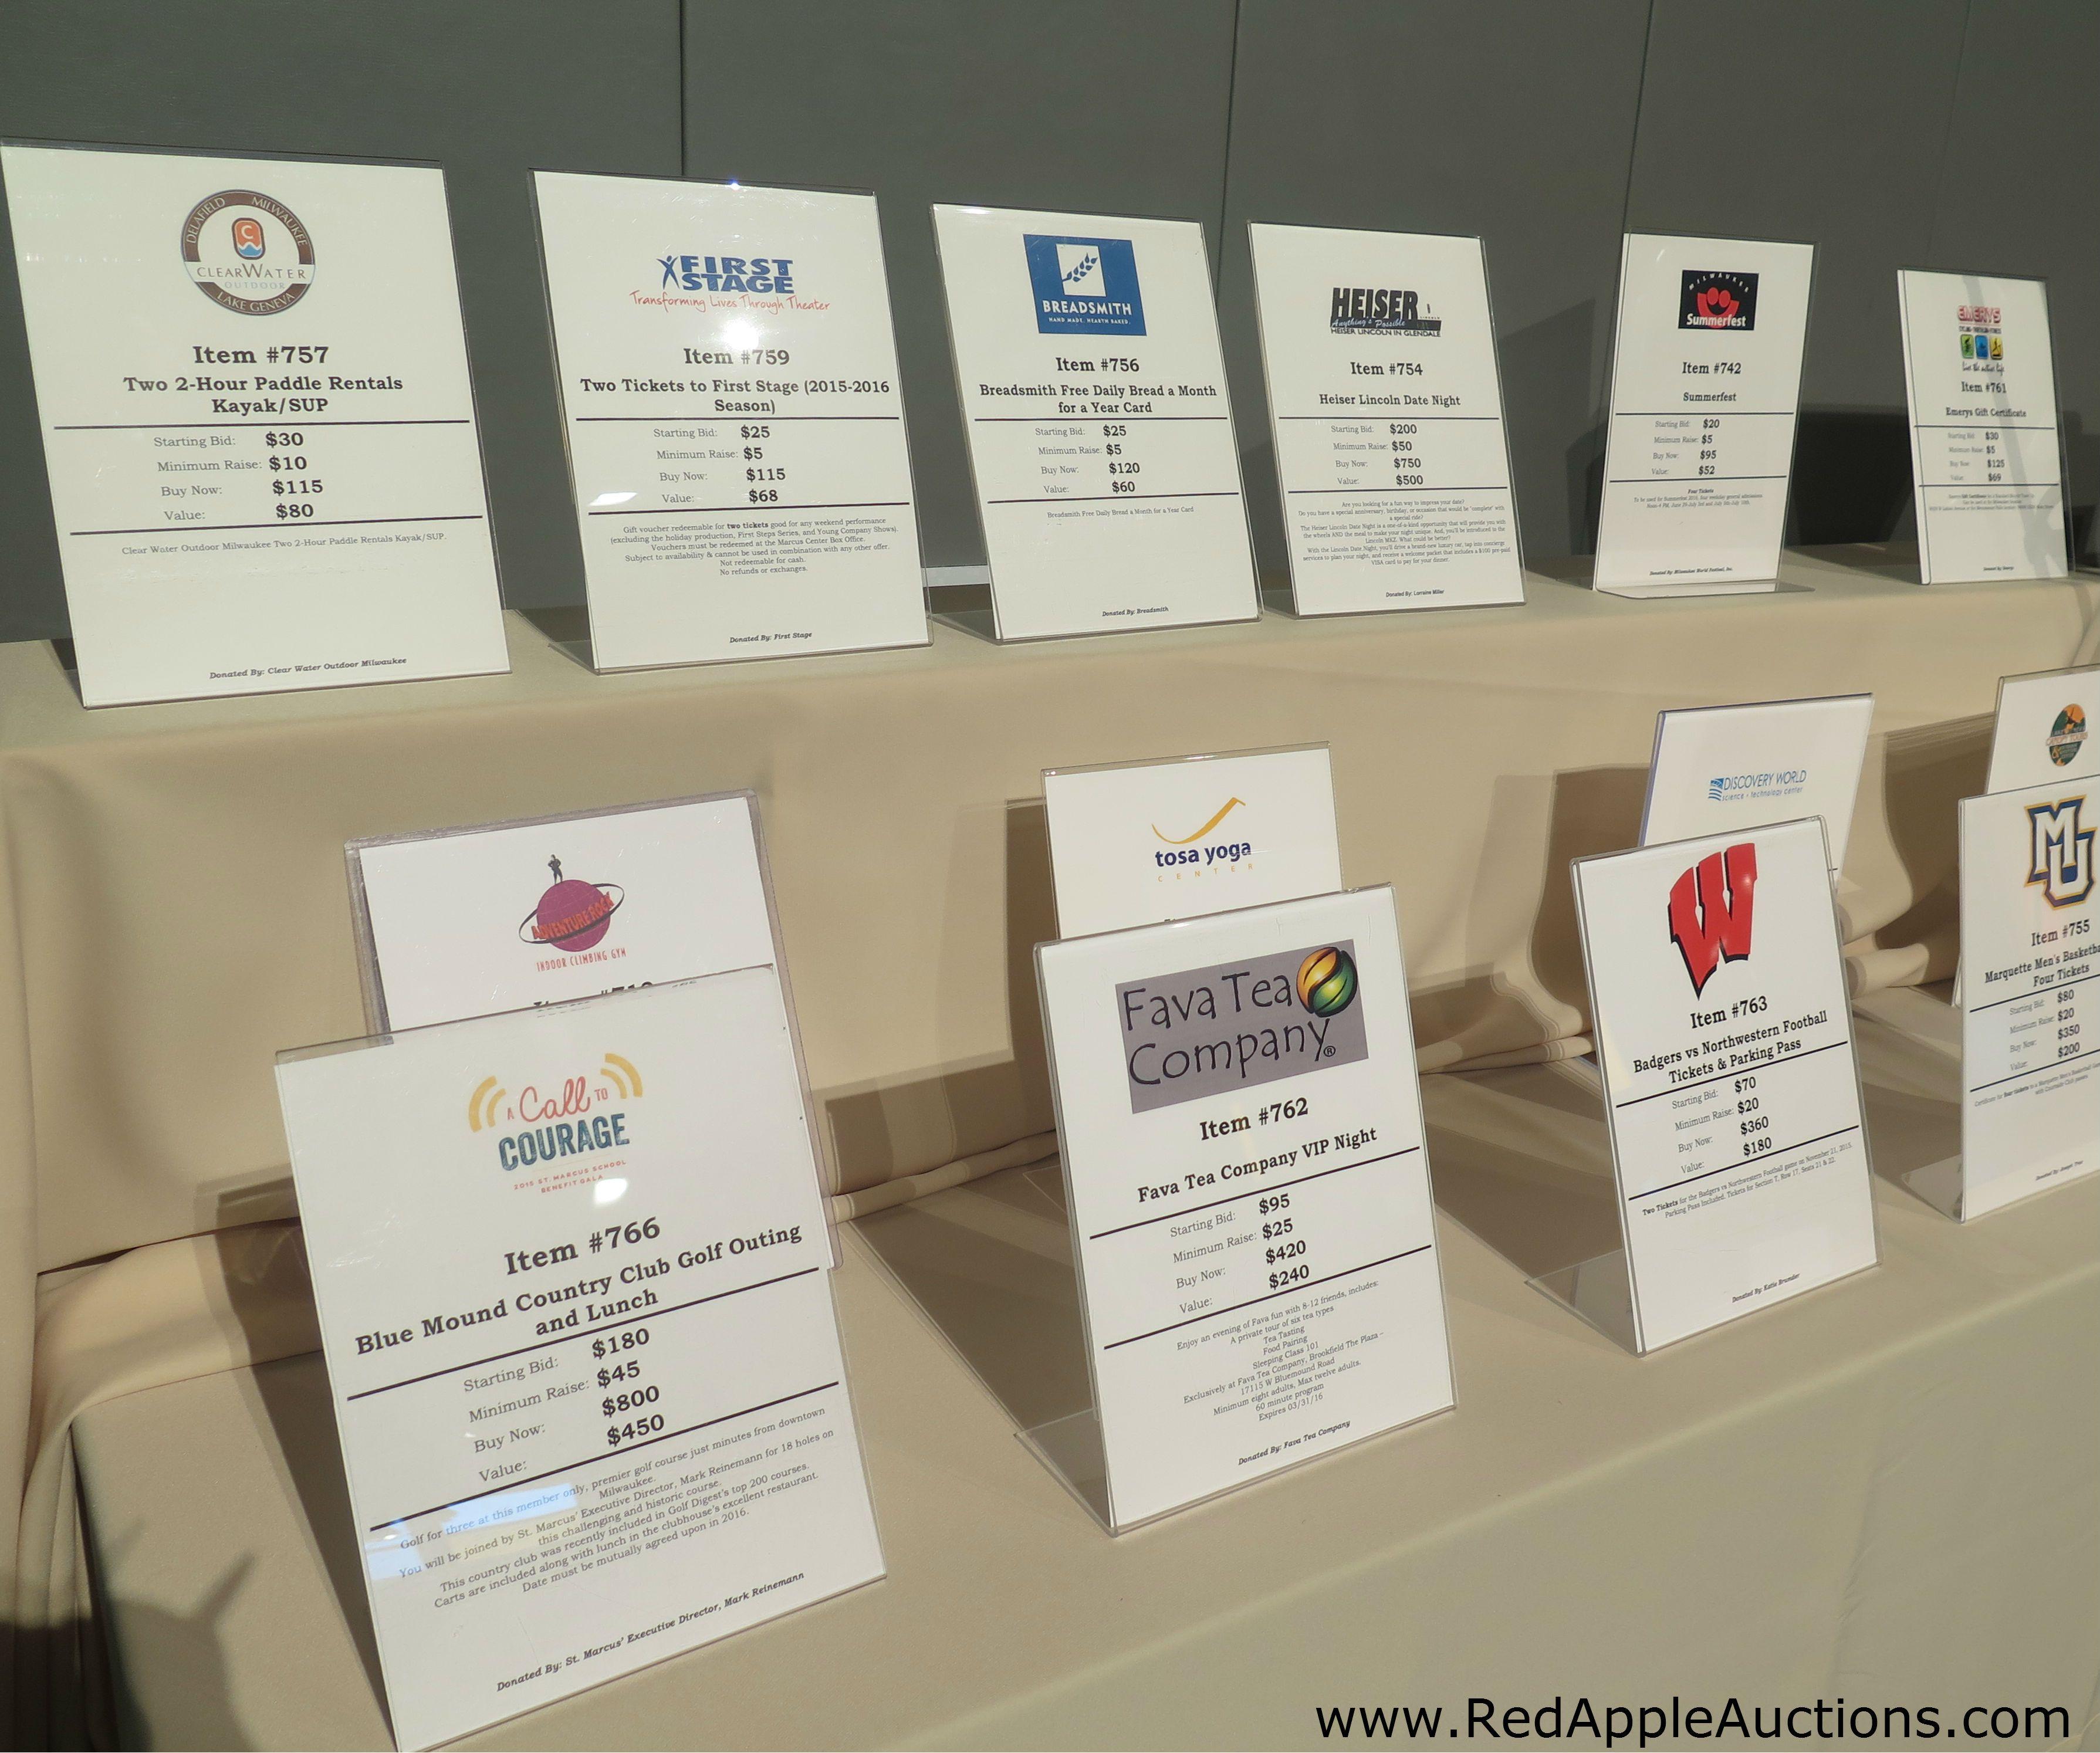 benefit auction item ideas